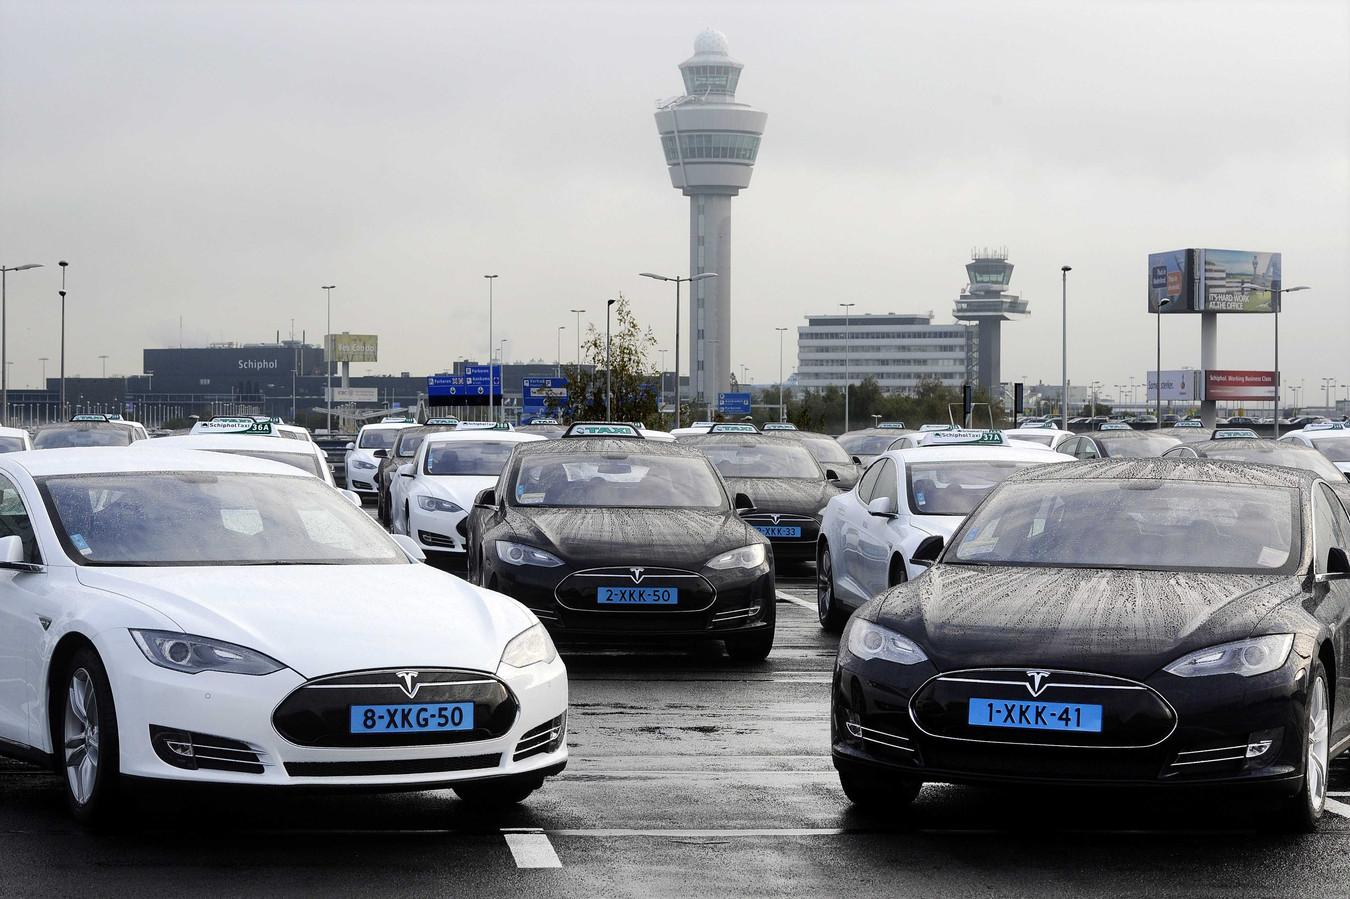 Elektrische Tesla-taxi's op Schiphol. Fluisterstil, brandschoon, maar ook zo'n 100.000 euro per stuk.